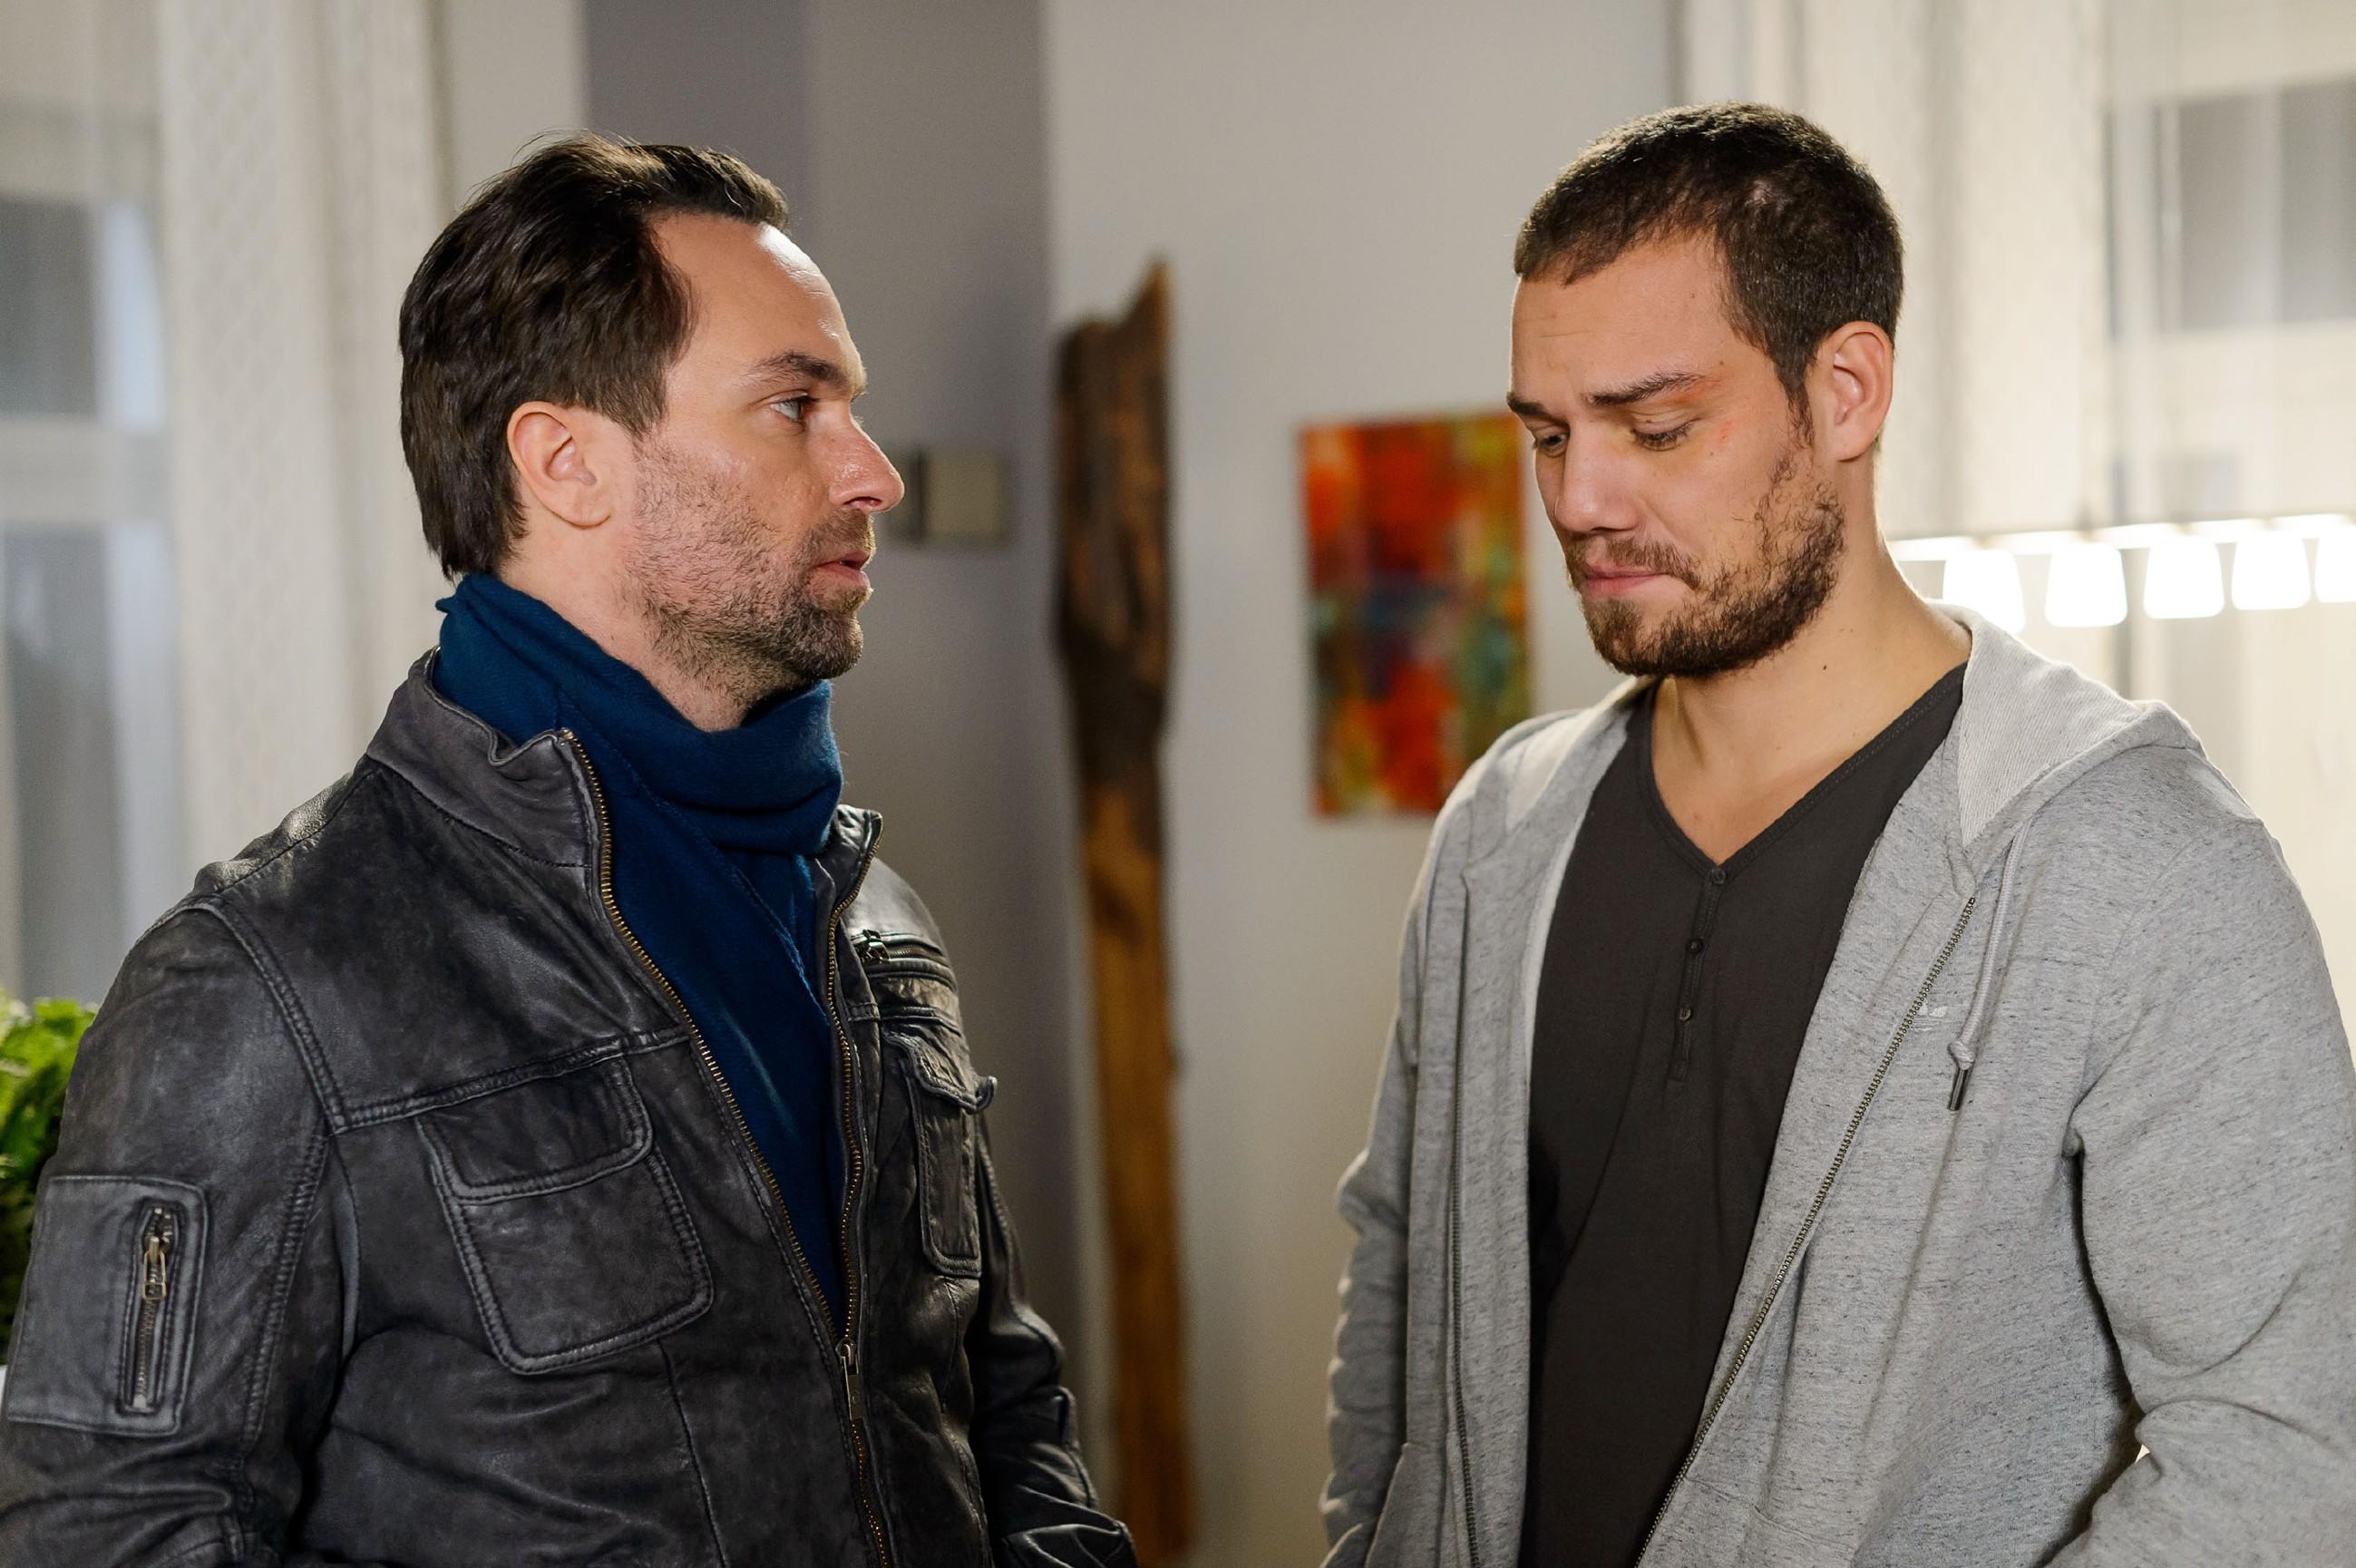 Thomas (Daniel Brockhaus, l.) leidet darunter, wegen Leos (Julian Bayer) Flucht seine Freunde belügen zu müssen. Doch ihnen ist bewusst, dass es keine Alternative gibt... (Quelle: RTL / Willi Weber)